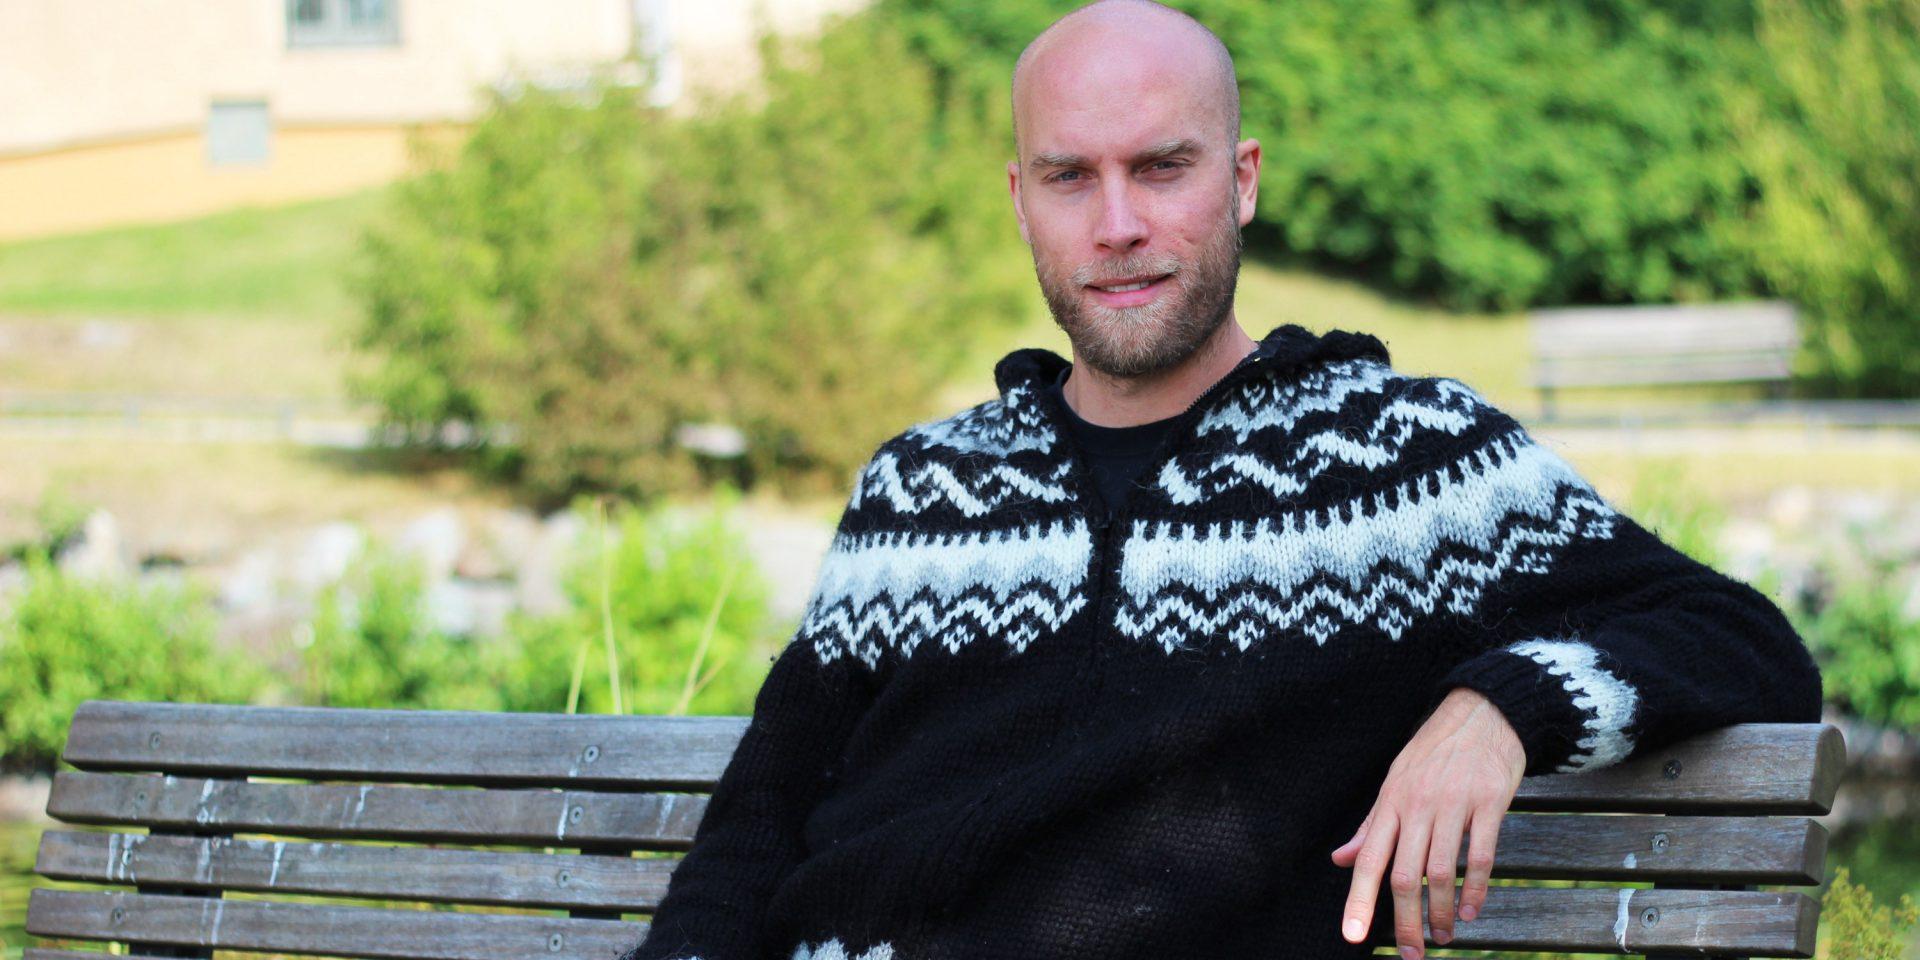 Kristofer Åberg är ordförande Socialdemokratiska Israelvänner och ifrågasätter sina partivänners hållning till Israel, som man han menar är fientlig.